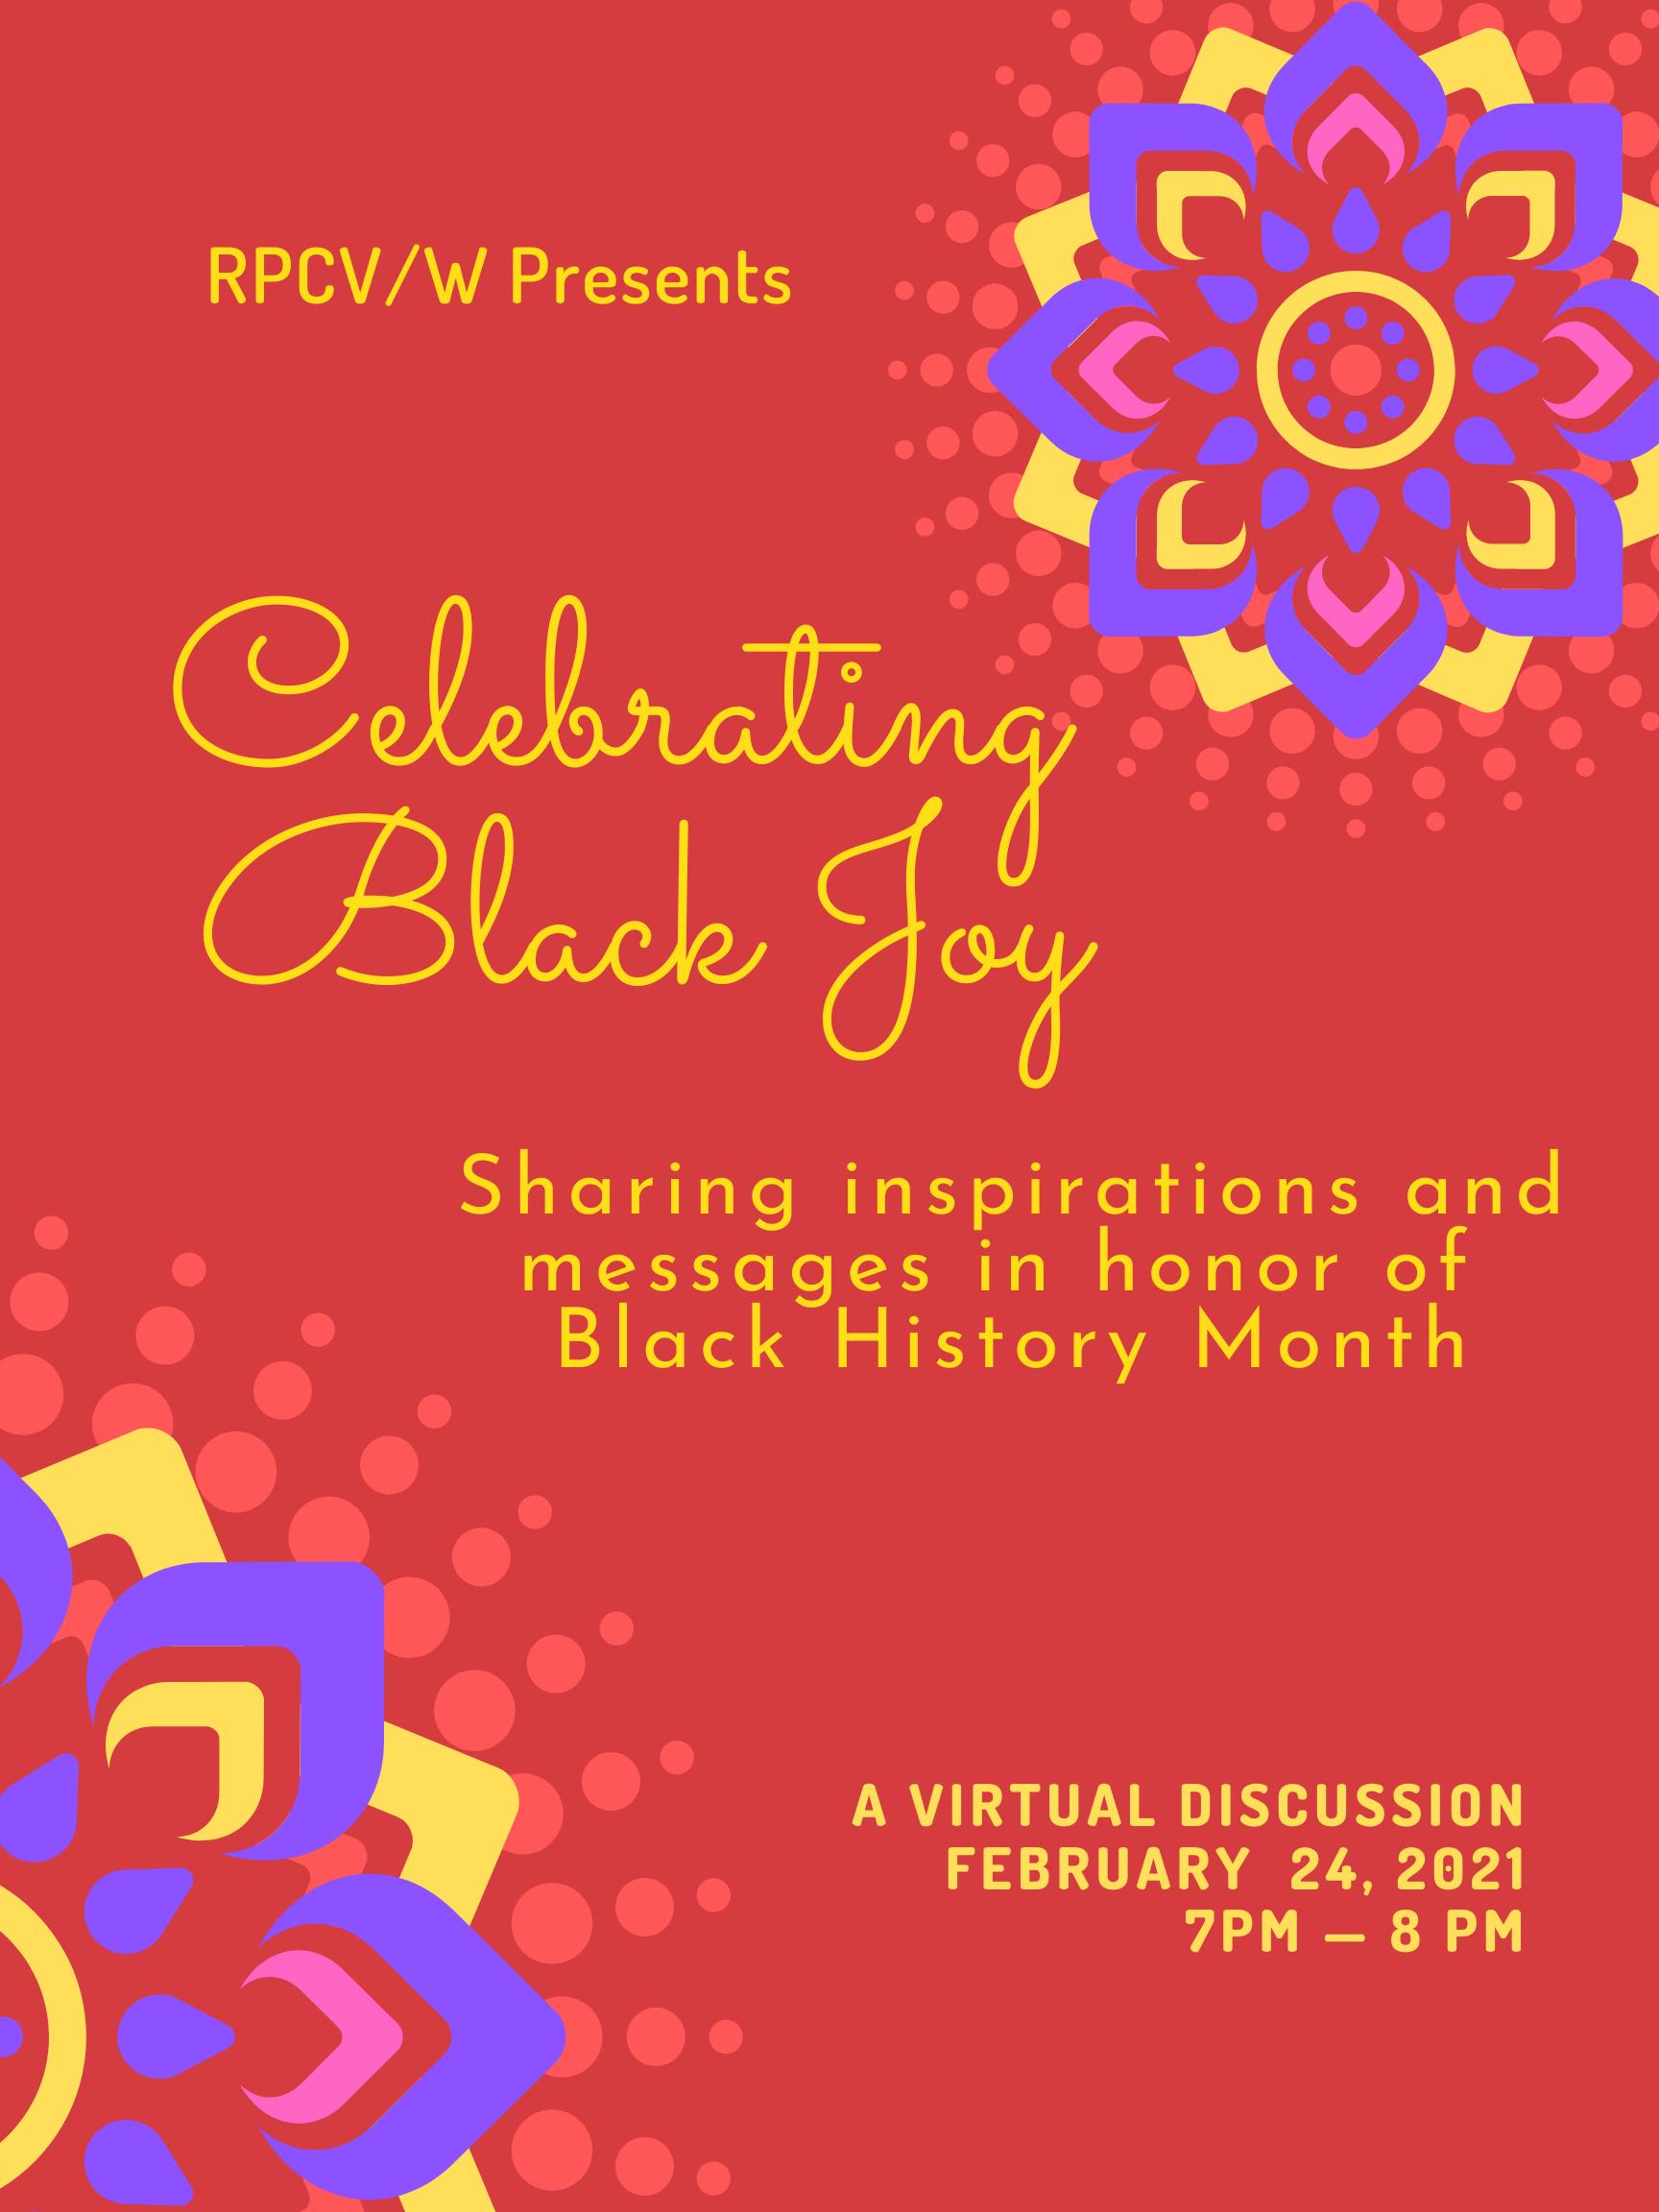 https://d3n8a8pro7vhmx.cloudfront.net/rpcvw/pages/3873/meta_images/original/Celebrate_Black_Joy.png?1613698730